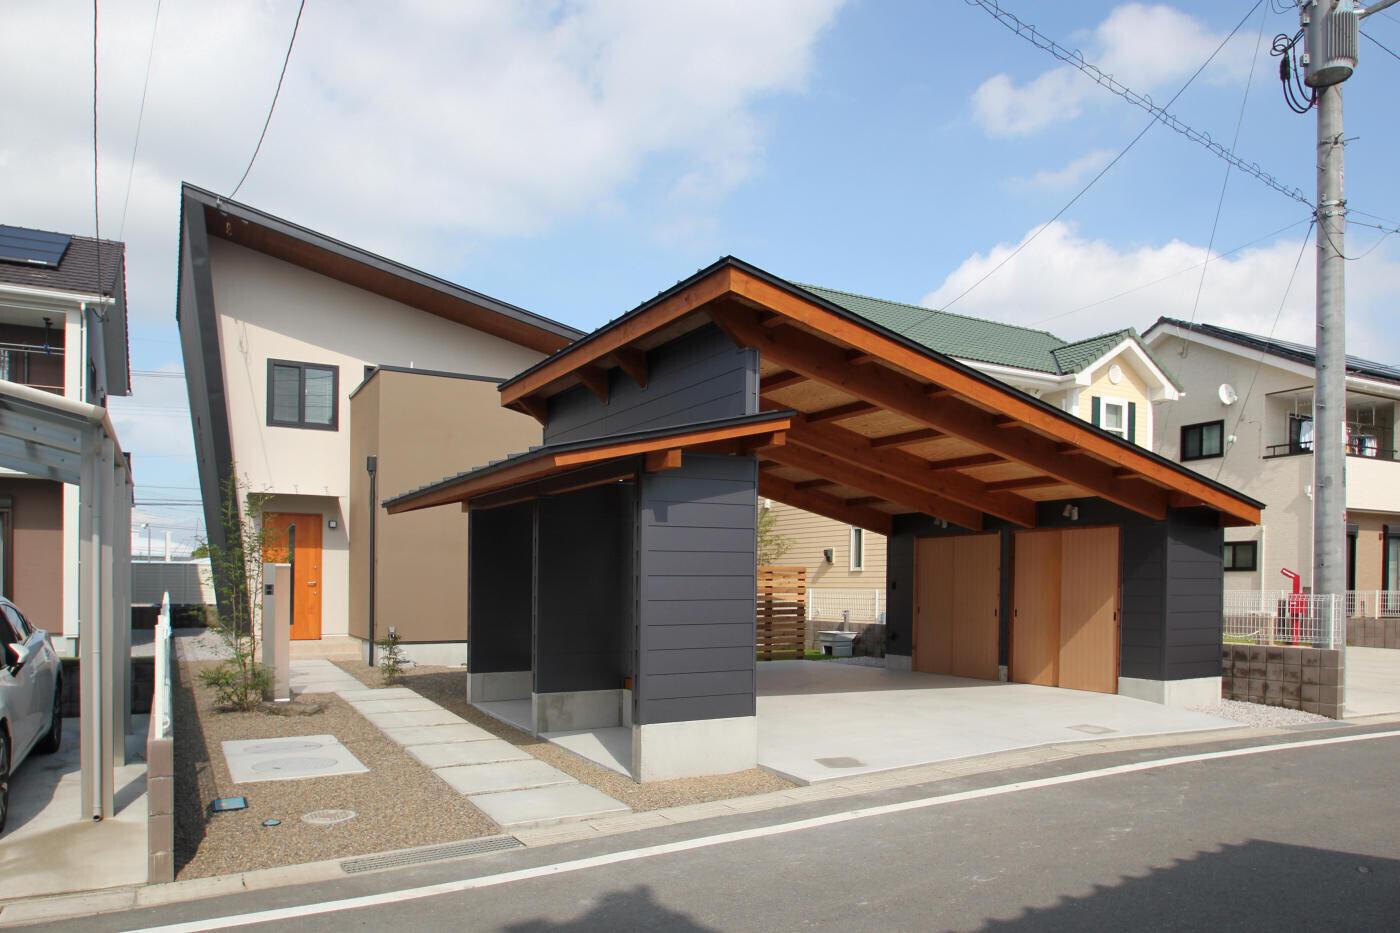 南北に細長い敷地に建つエッジの効いた外観の家の建築事例写真